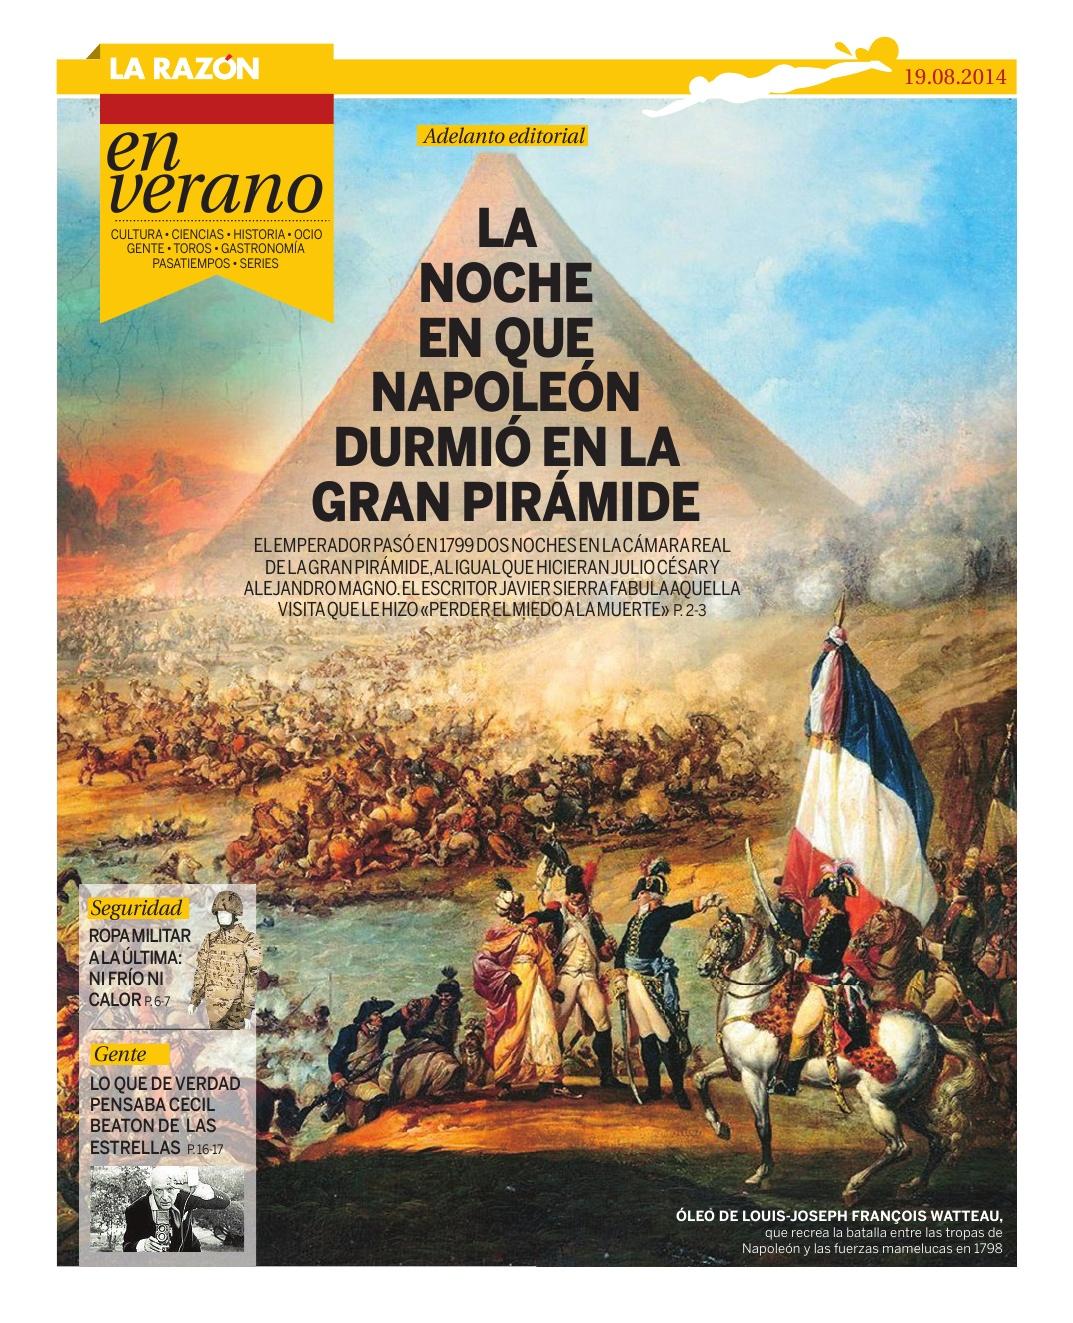 20140819 LA RAZÓN La noche en que Napoleón durmió en la Gran Pirámide